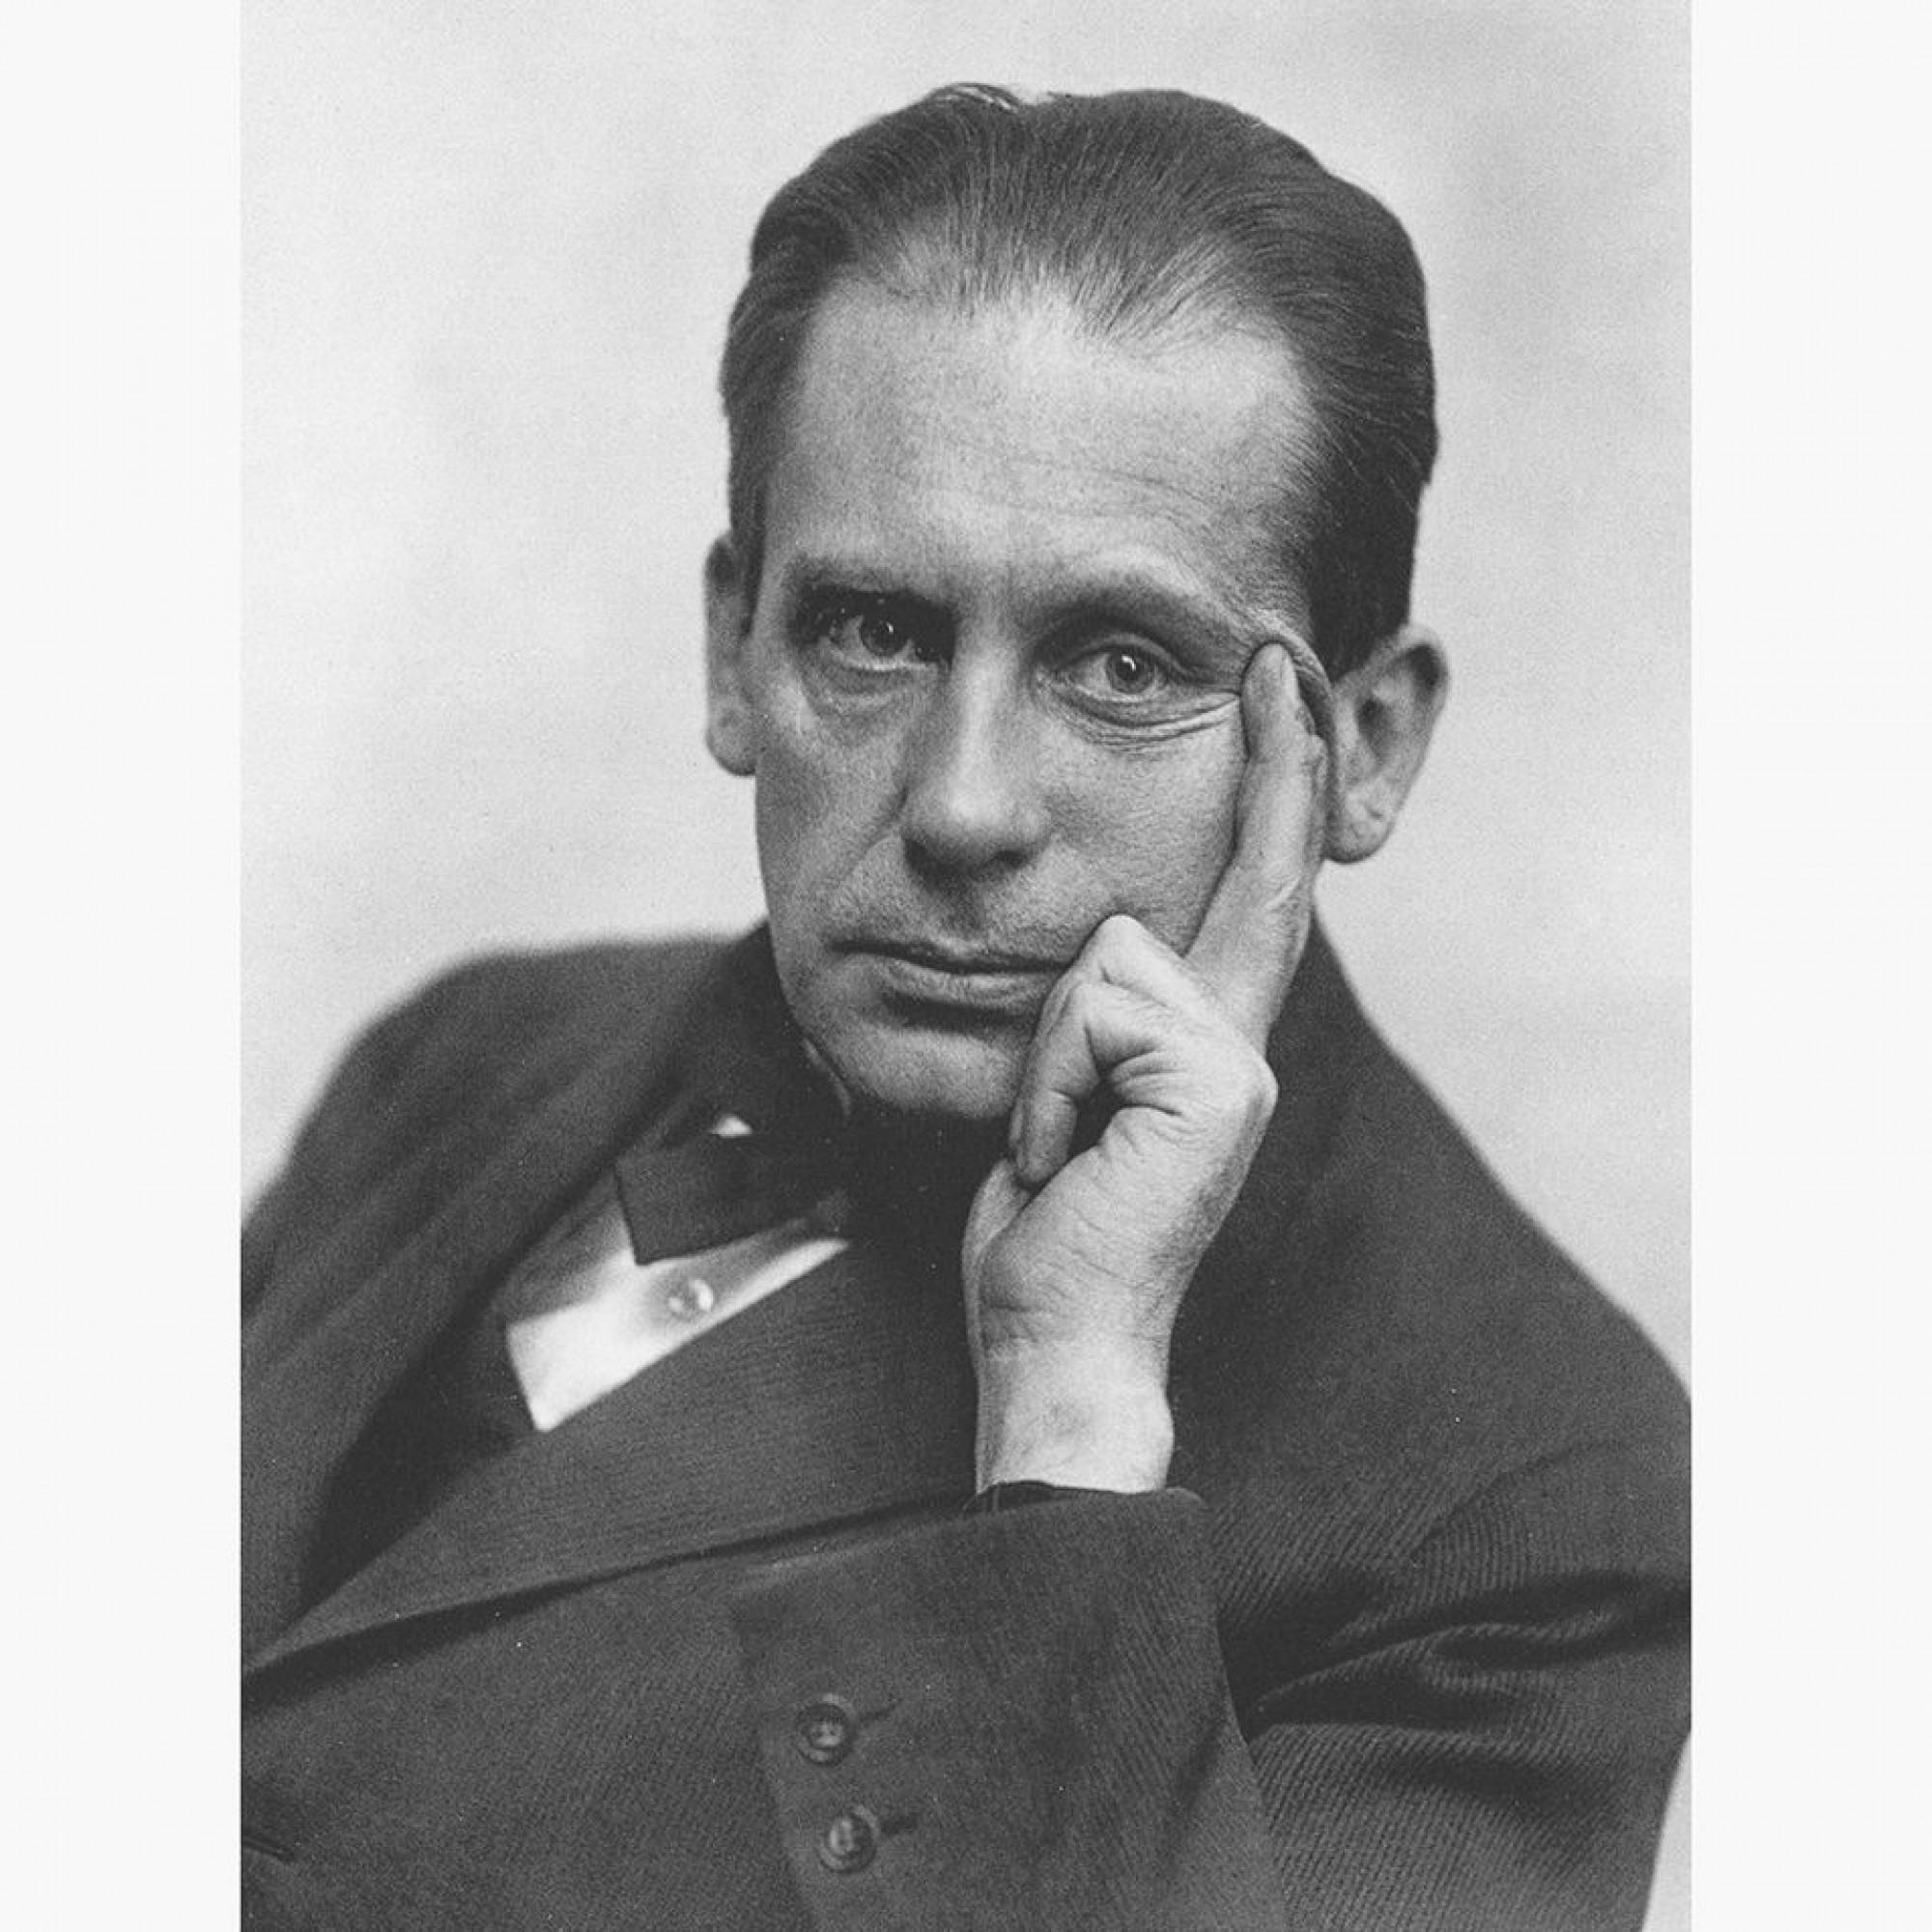 Walter Gropius führte Kunst, Handwerk und Technik zu einer neuen Art der Gestaltung zusammen (Bild um 1919).